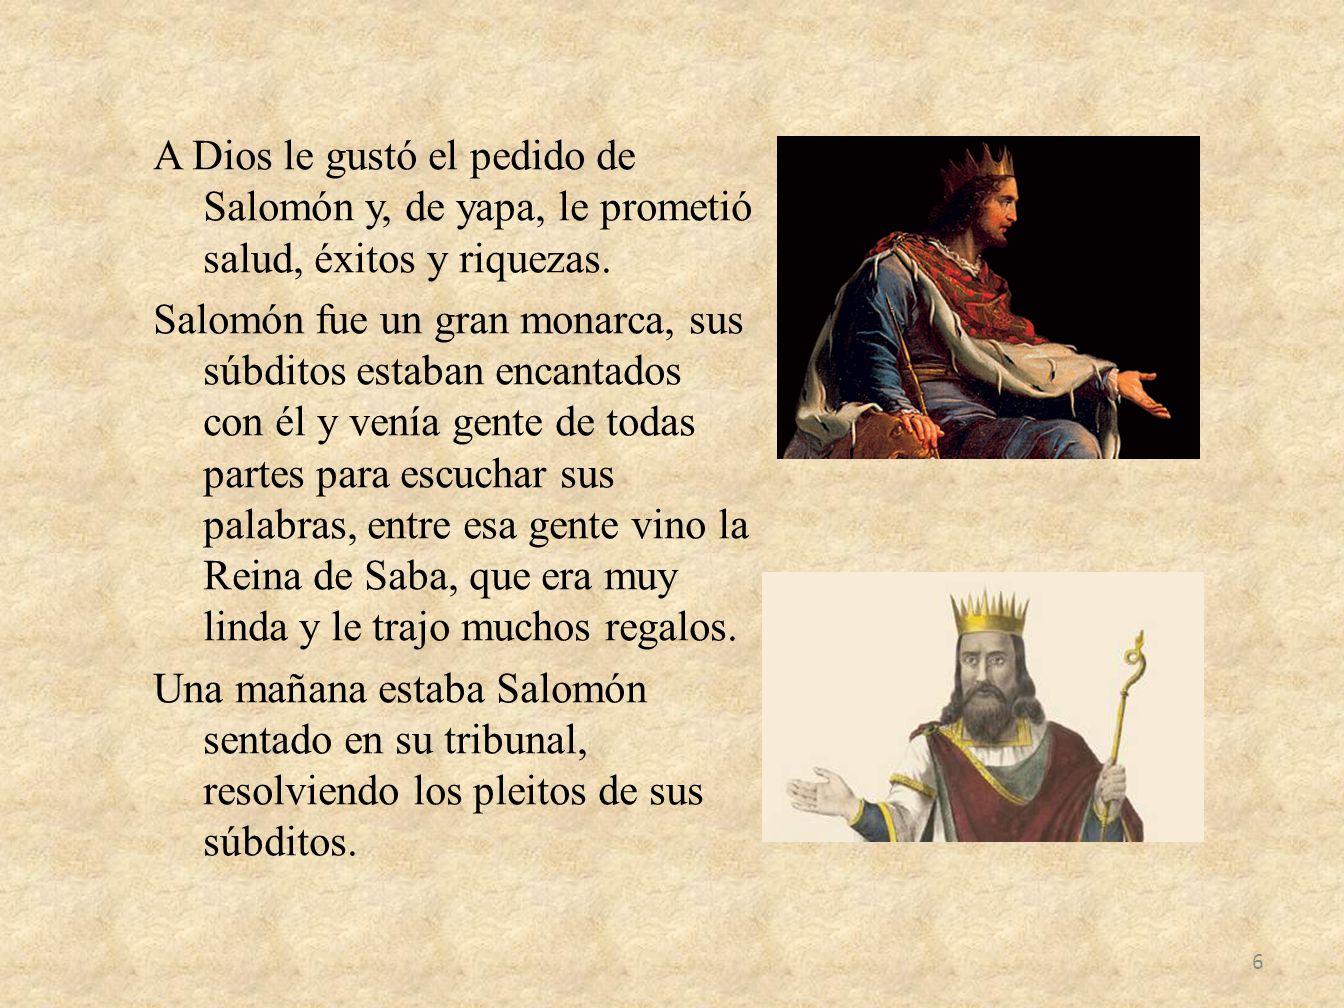 A Dios le gustó el pedido de Salomón y, de yapa, le prometió salud, éxitos y riquezas. Salomón fue un gran monarca, sus súbditos estaban encantados co